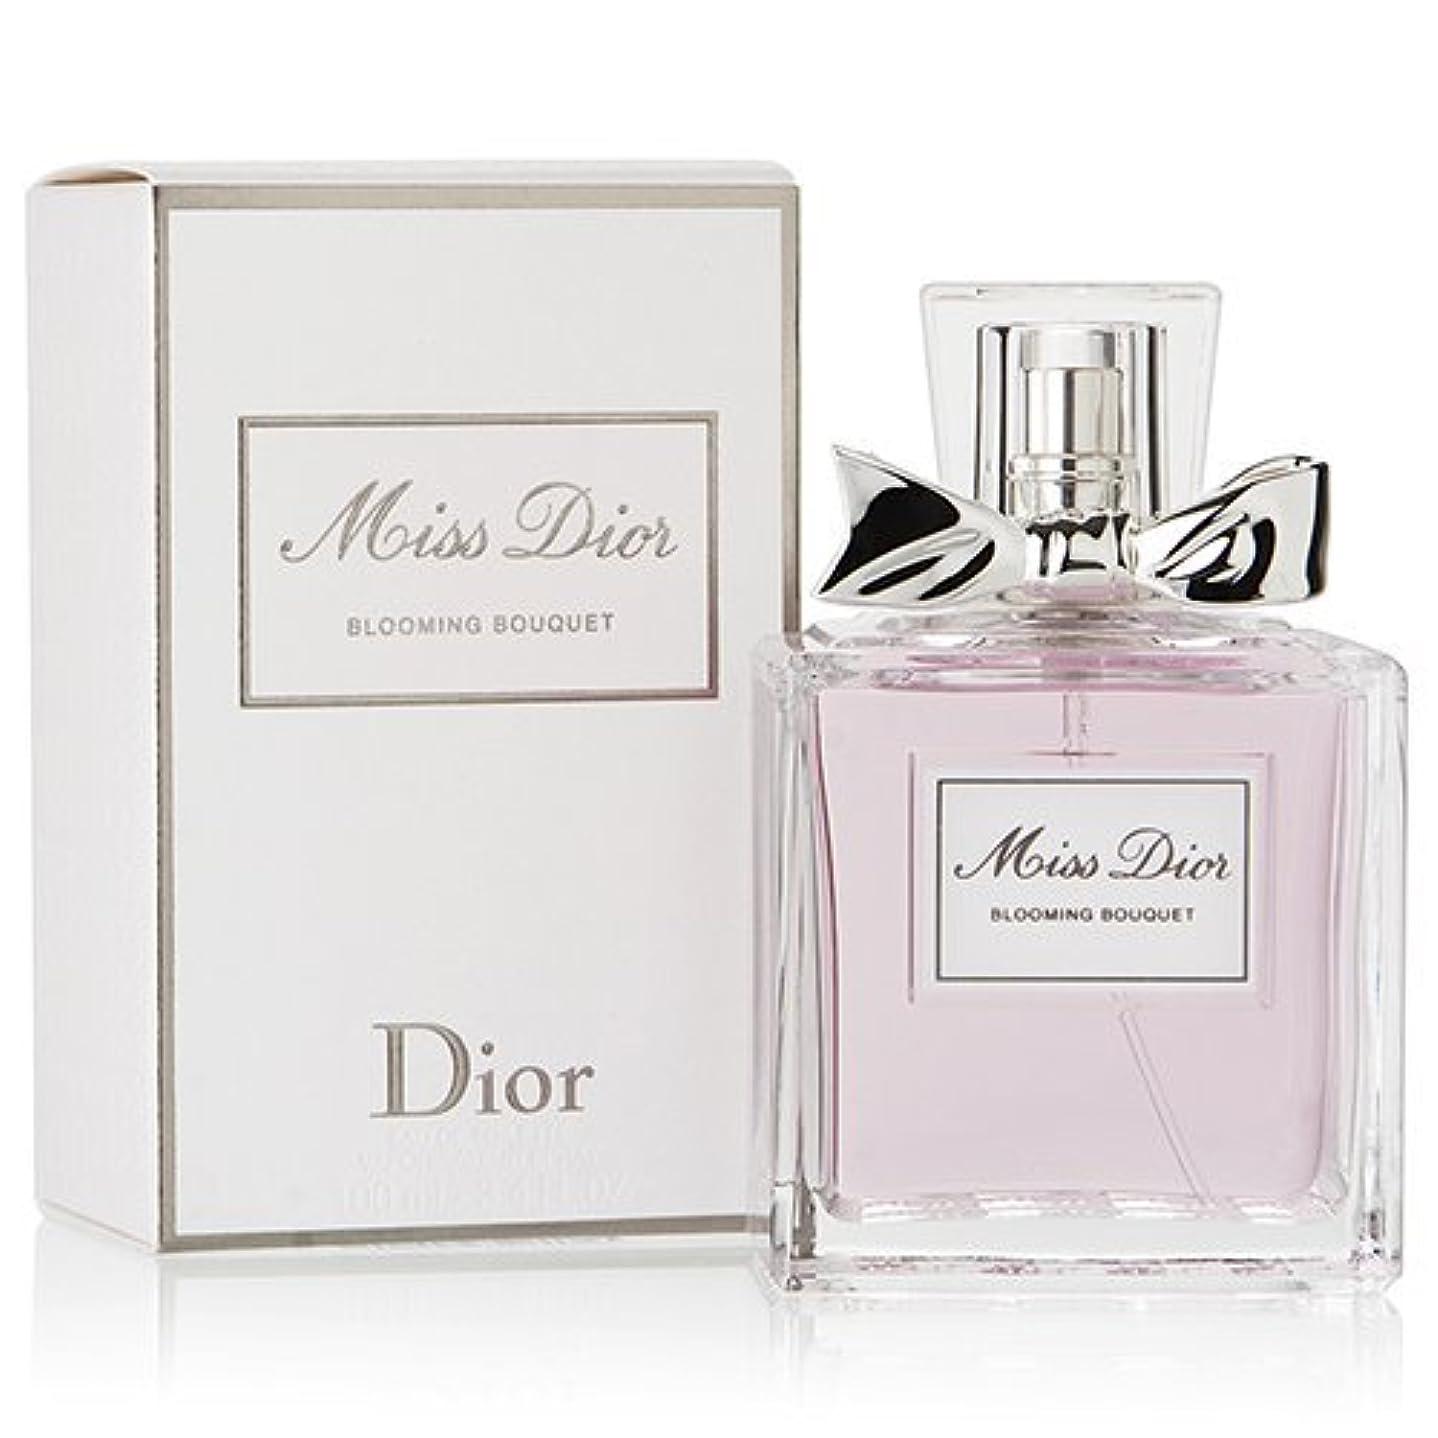 簡単なサバント深めるクリスチャン ディオール(Christian Dior) ミスディオール ブルーミングブーケ EDT SP 100ml[並行輸入品]